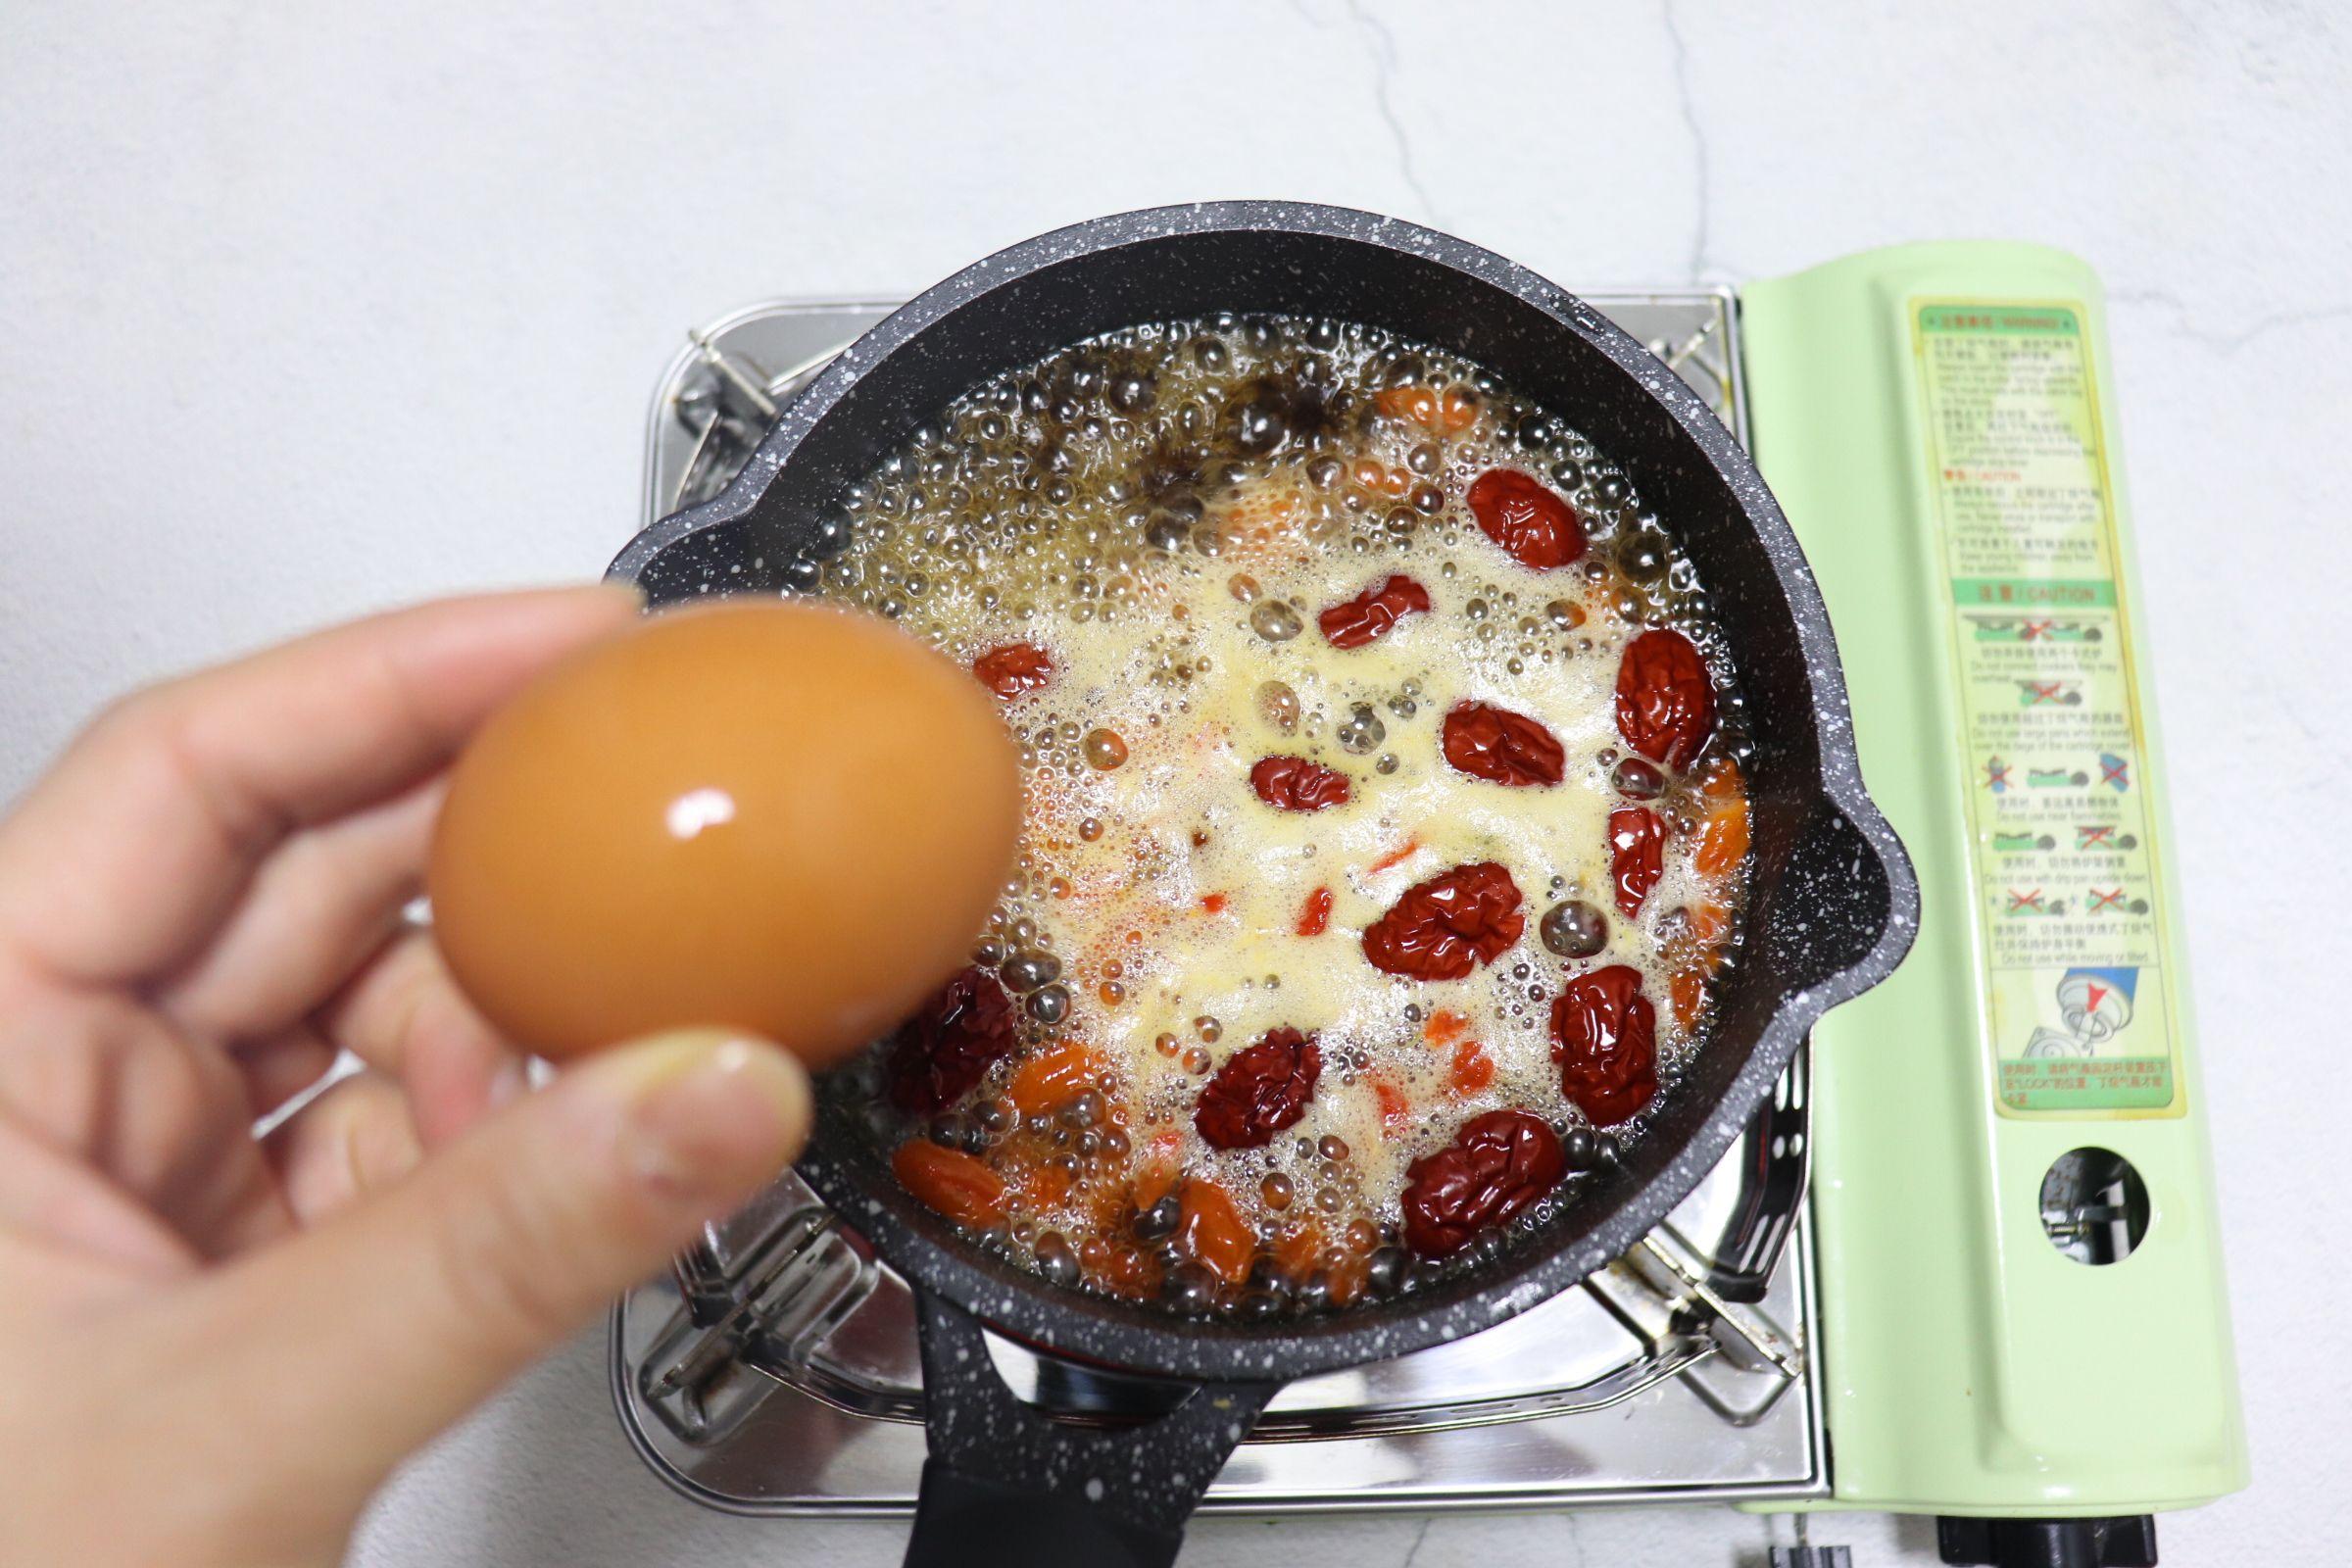 冬日暖身饮品~红糖姜枣煮蛋怎么煮